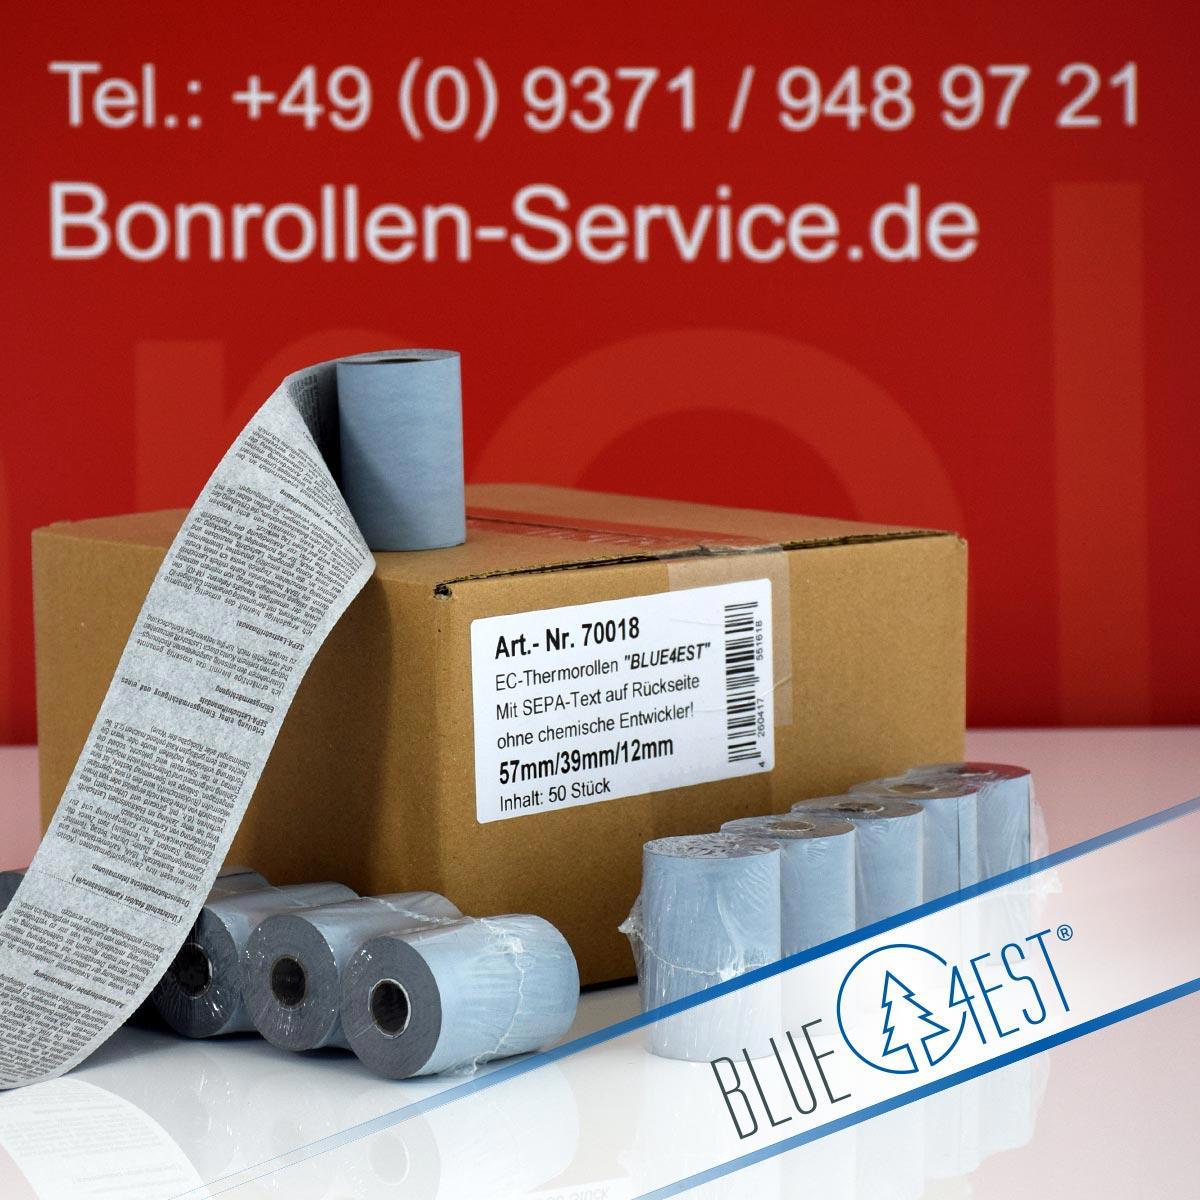 Umweltfreundliche EC-Thermorollen Blue4est 57 / 18m / 12 mit SEPA-Text, blau